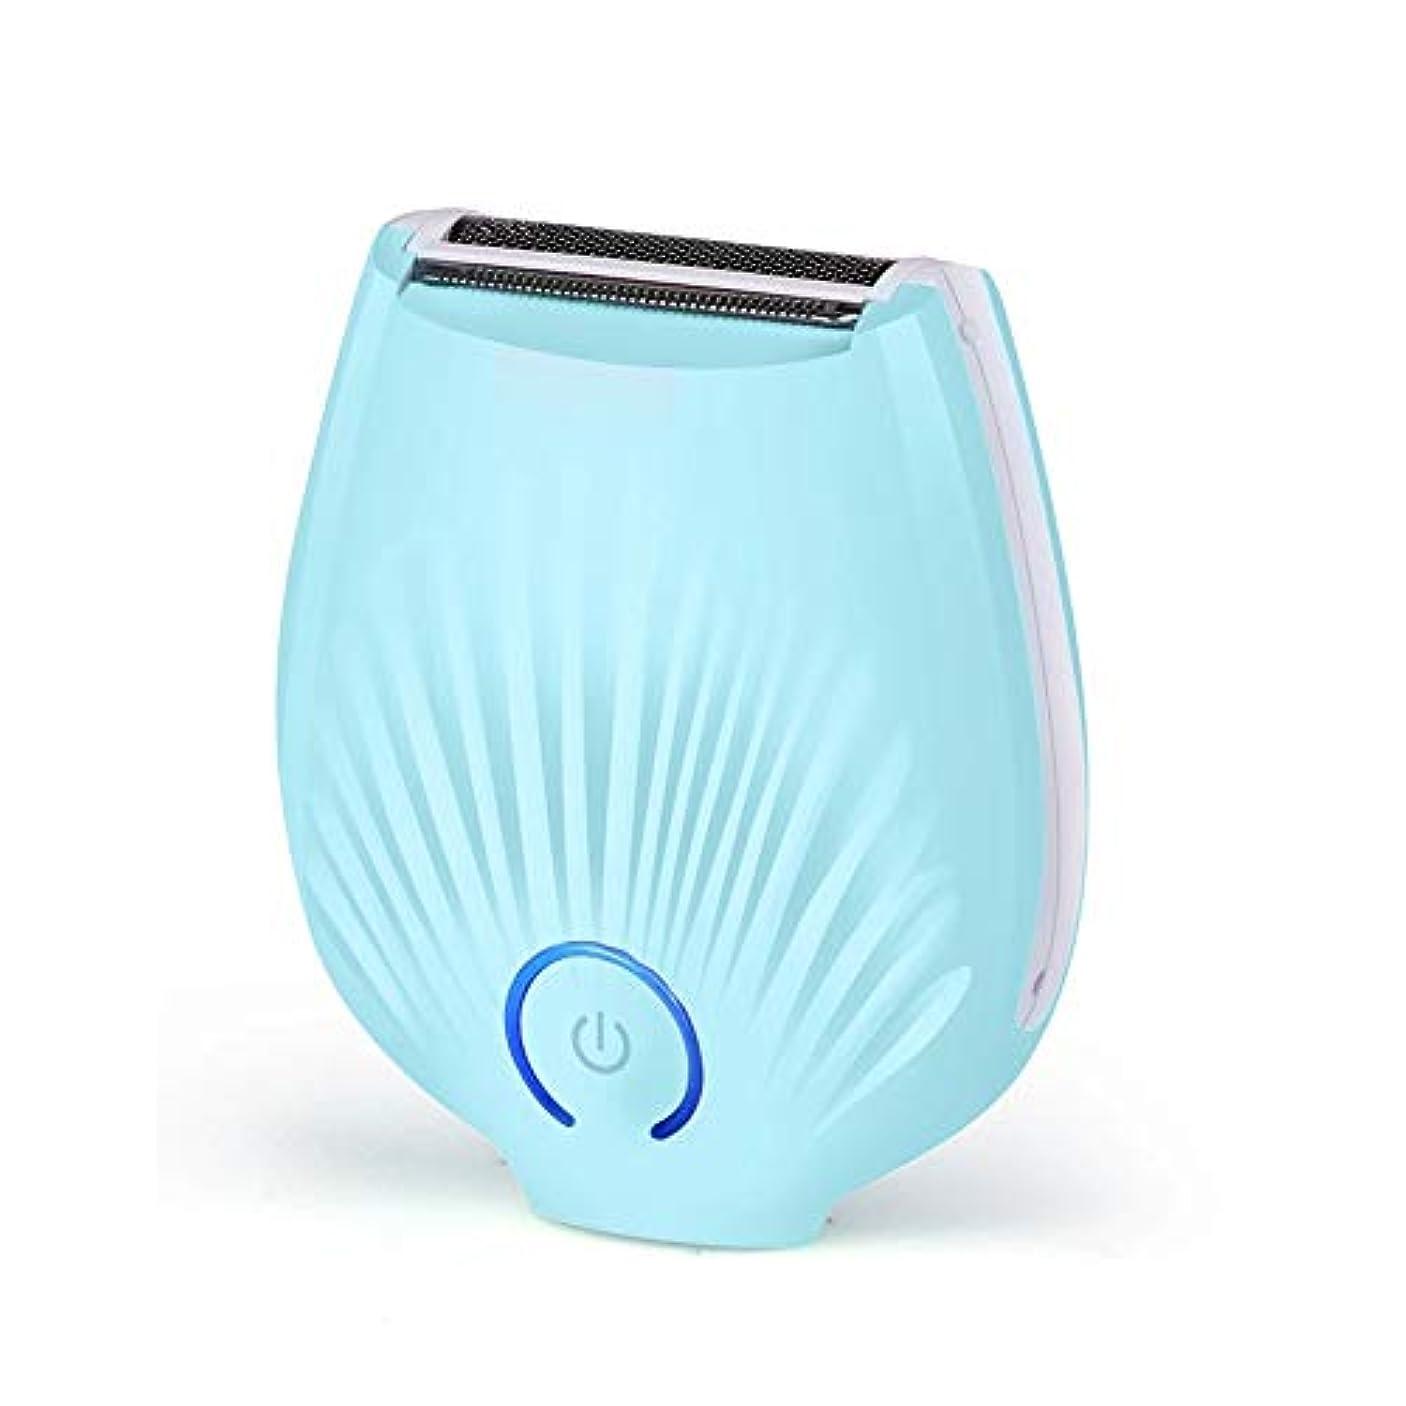 記念シャッター異常なレディーヘアリムーバー、USB防水電気シェーバー、女性のシェービング脚のヘアナイフ  脇の下専用パーツシェーバー(ピンク、ブルー),Blue